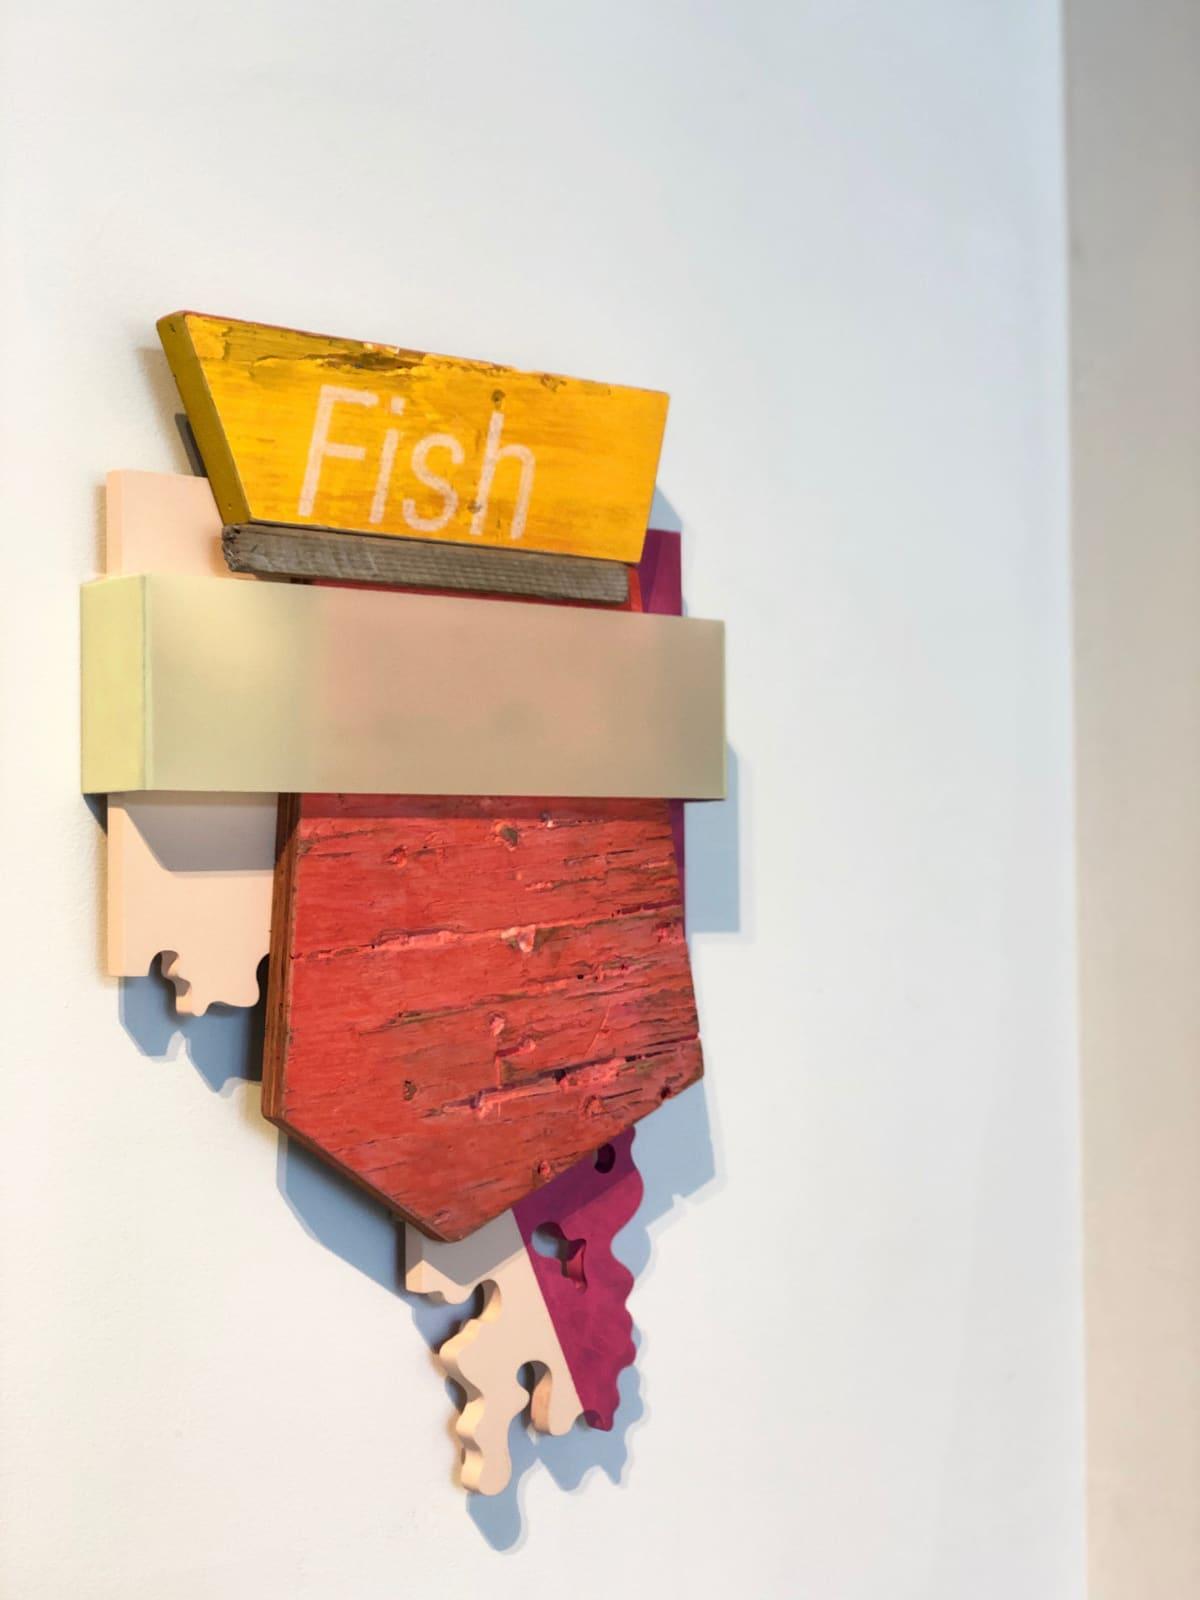 Andrés Ferrandis Fish, 2020 Acrylic on wood, polyester, objet trouvé and aluminum 20.5 x 13 x 2.25